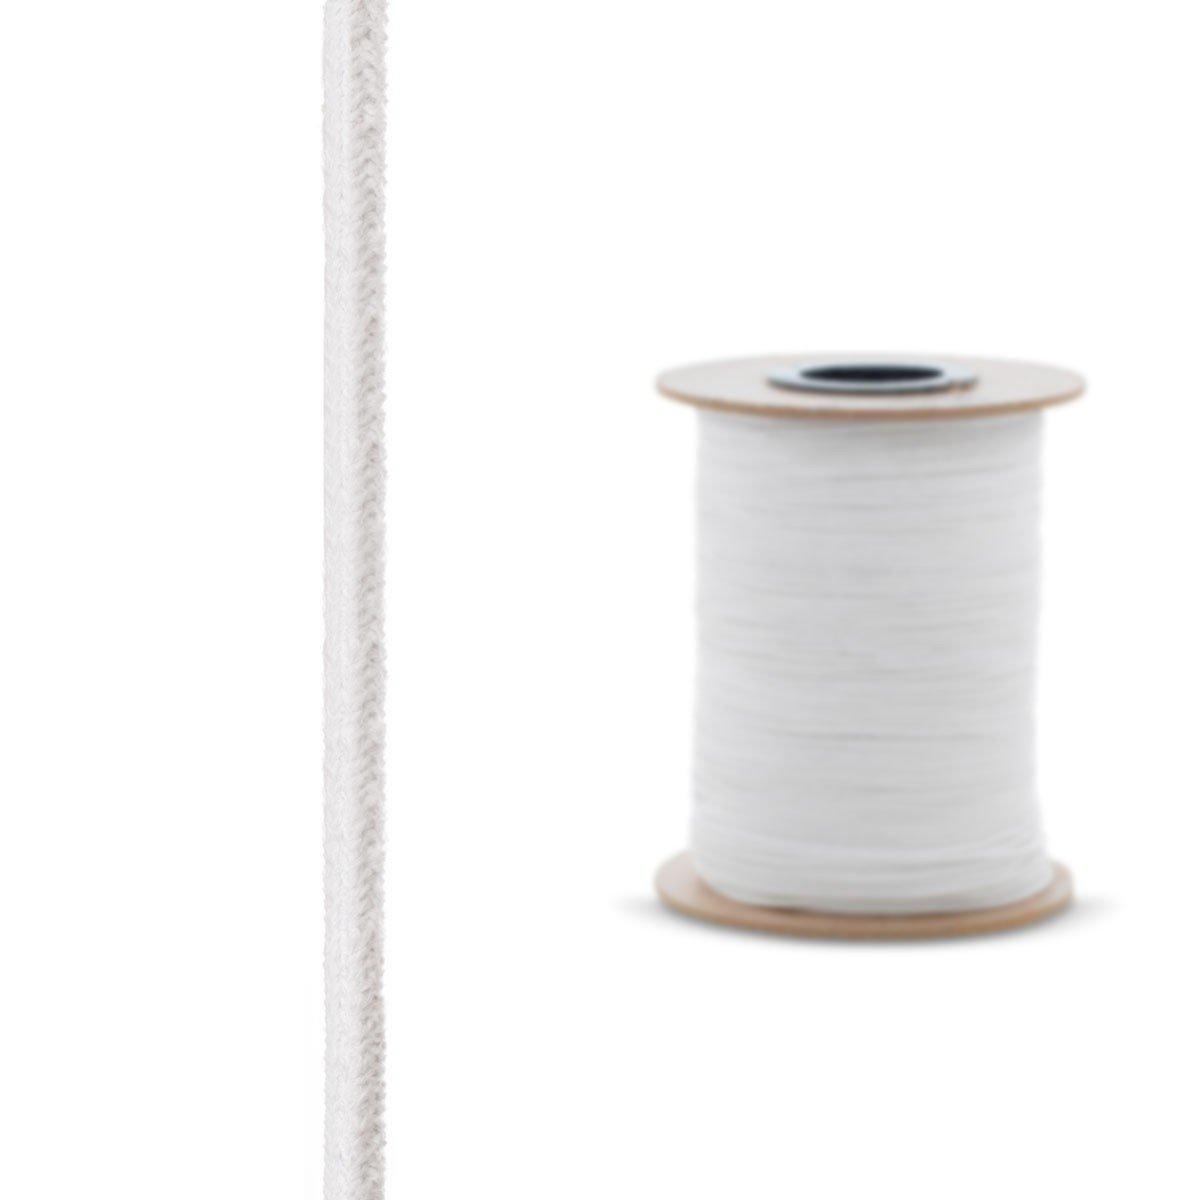 2,5 m 15x15 mm STEIGNER Corde en Fibre de Verre C/éramique SKD01-15 Blanc R/ésistante /à la Temp/érature jusqu/à 1260 /° C